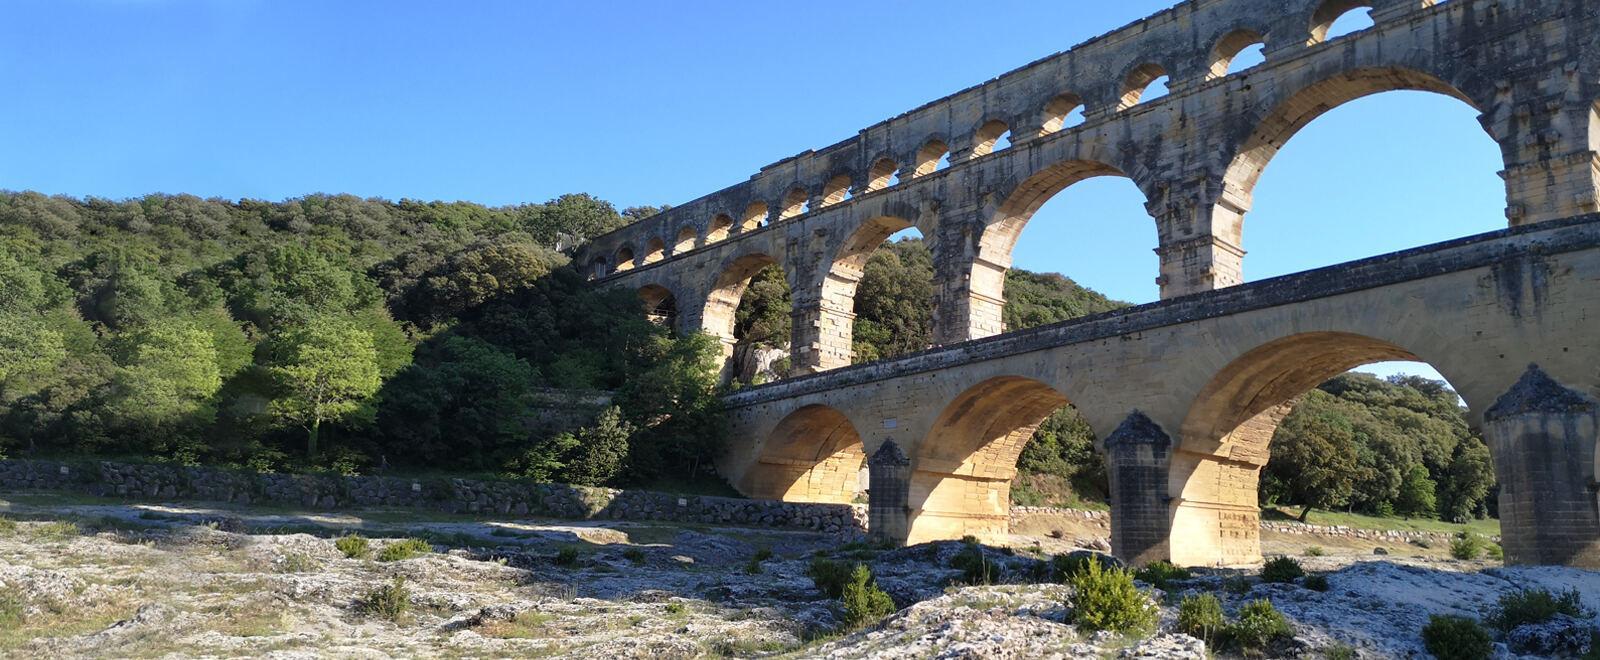 Segreti di marmo: L'ingegneria edile nell'antica Roma